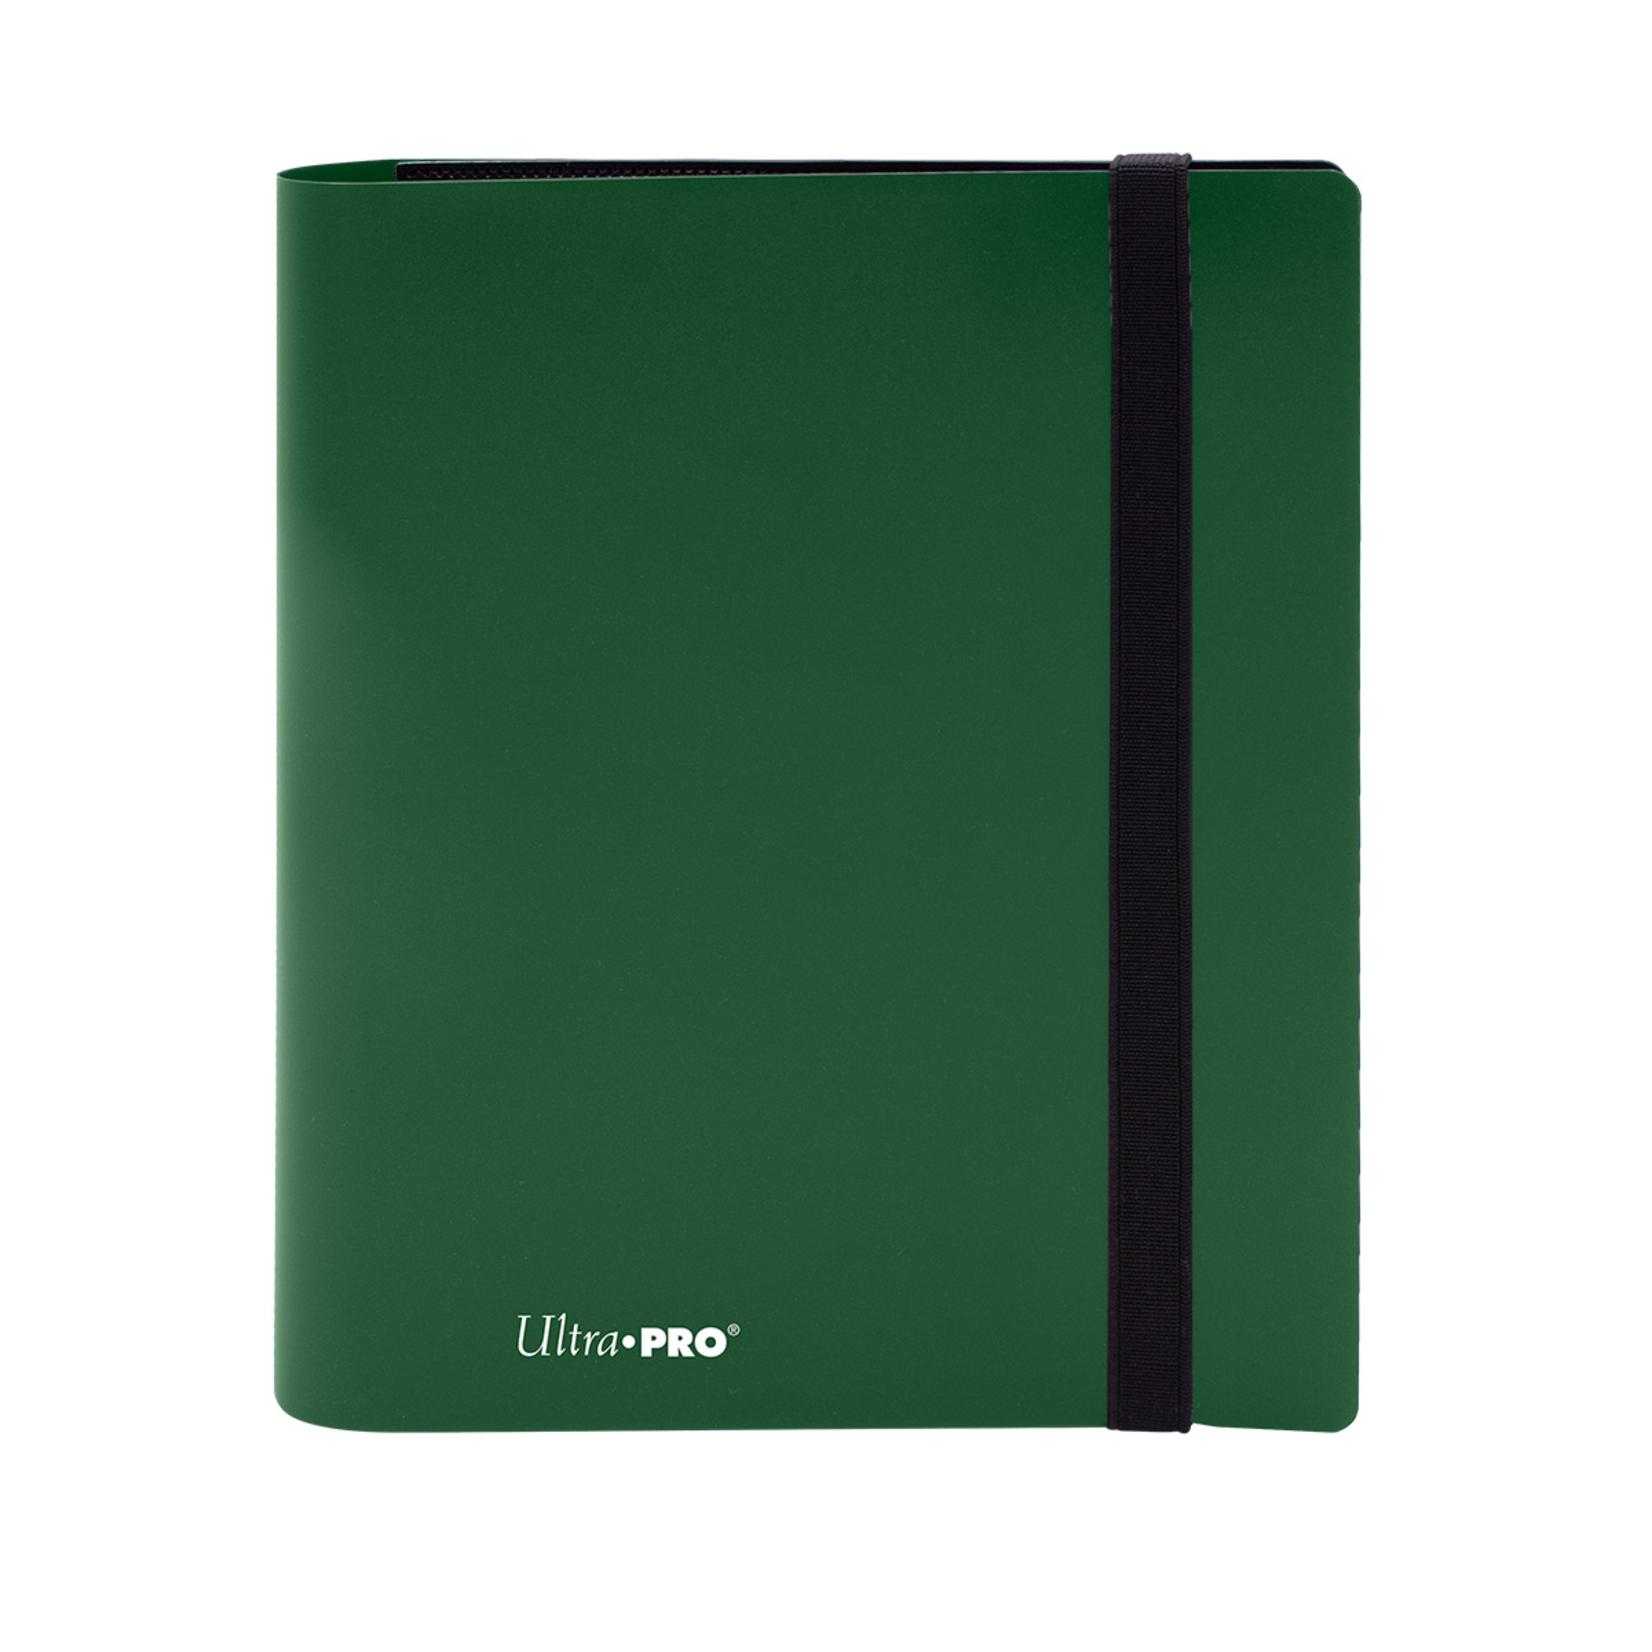 Ultra Pro Eclipse: 4-Pocket Binder Forest Green